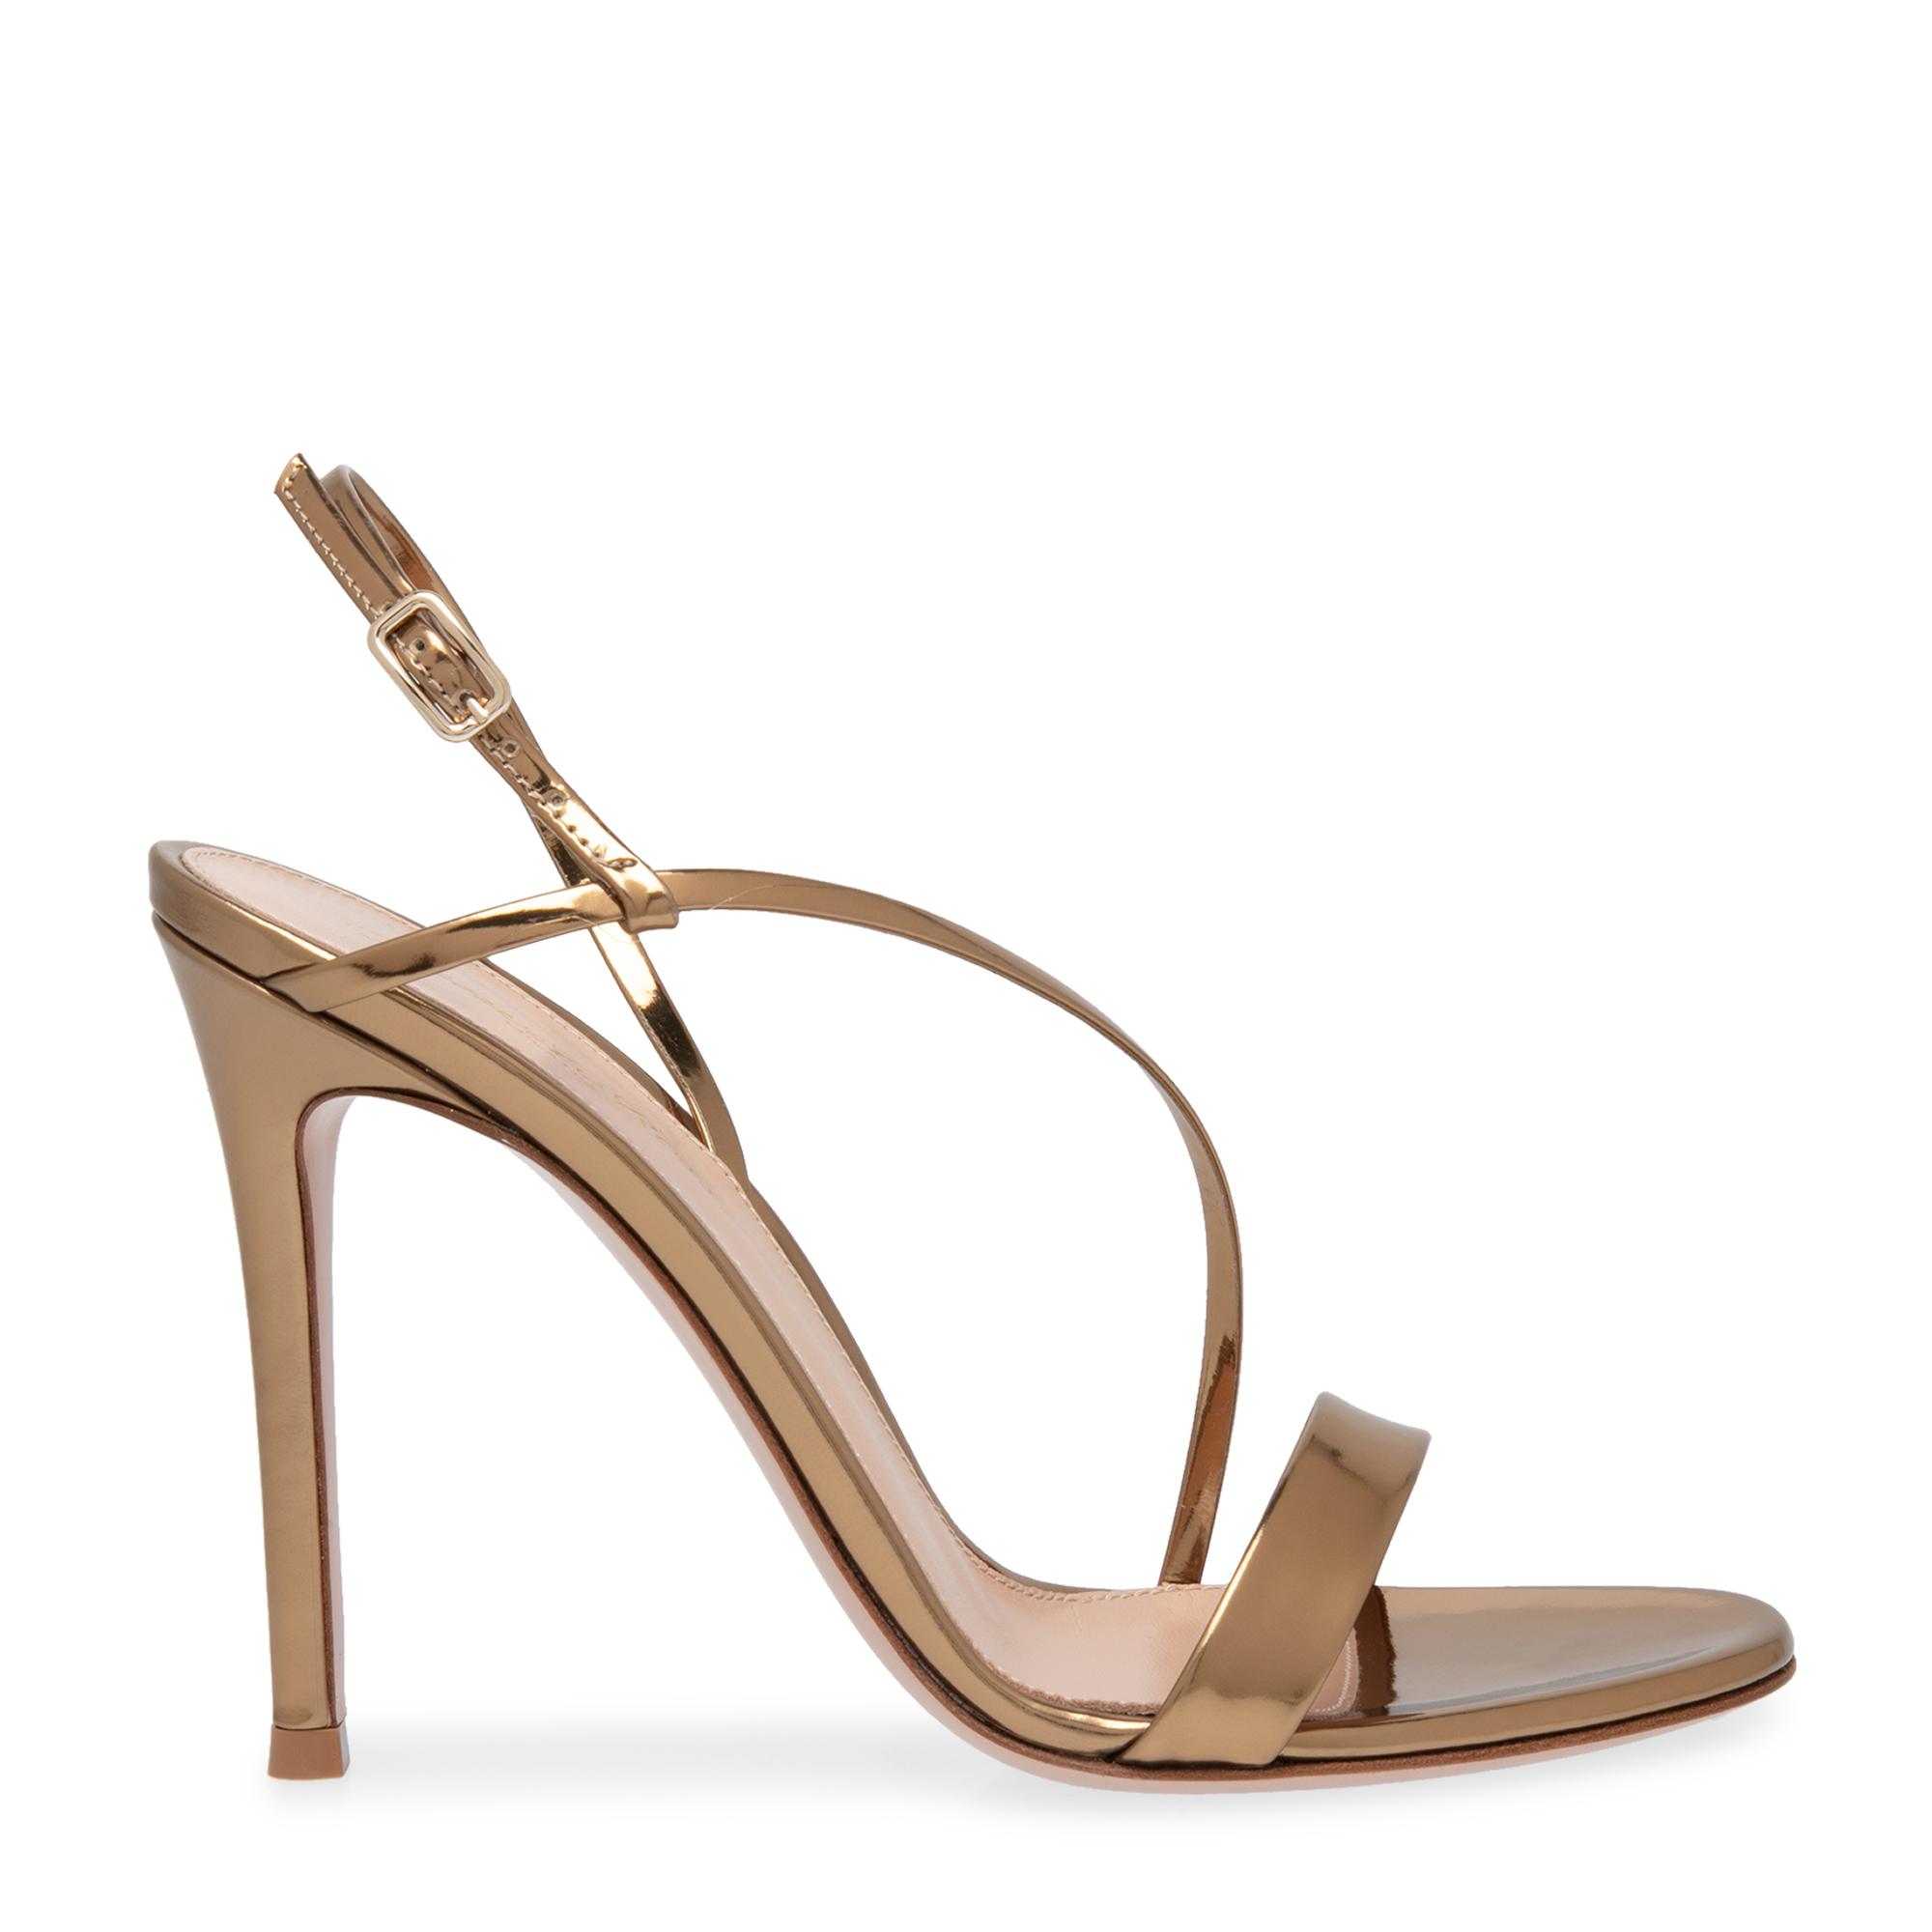 Manhattan sandals